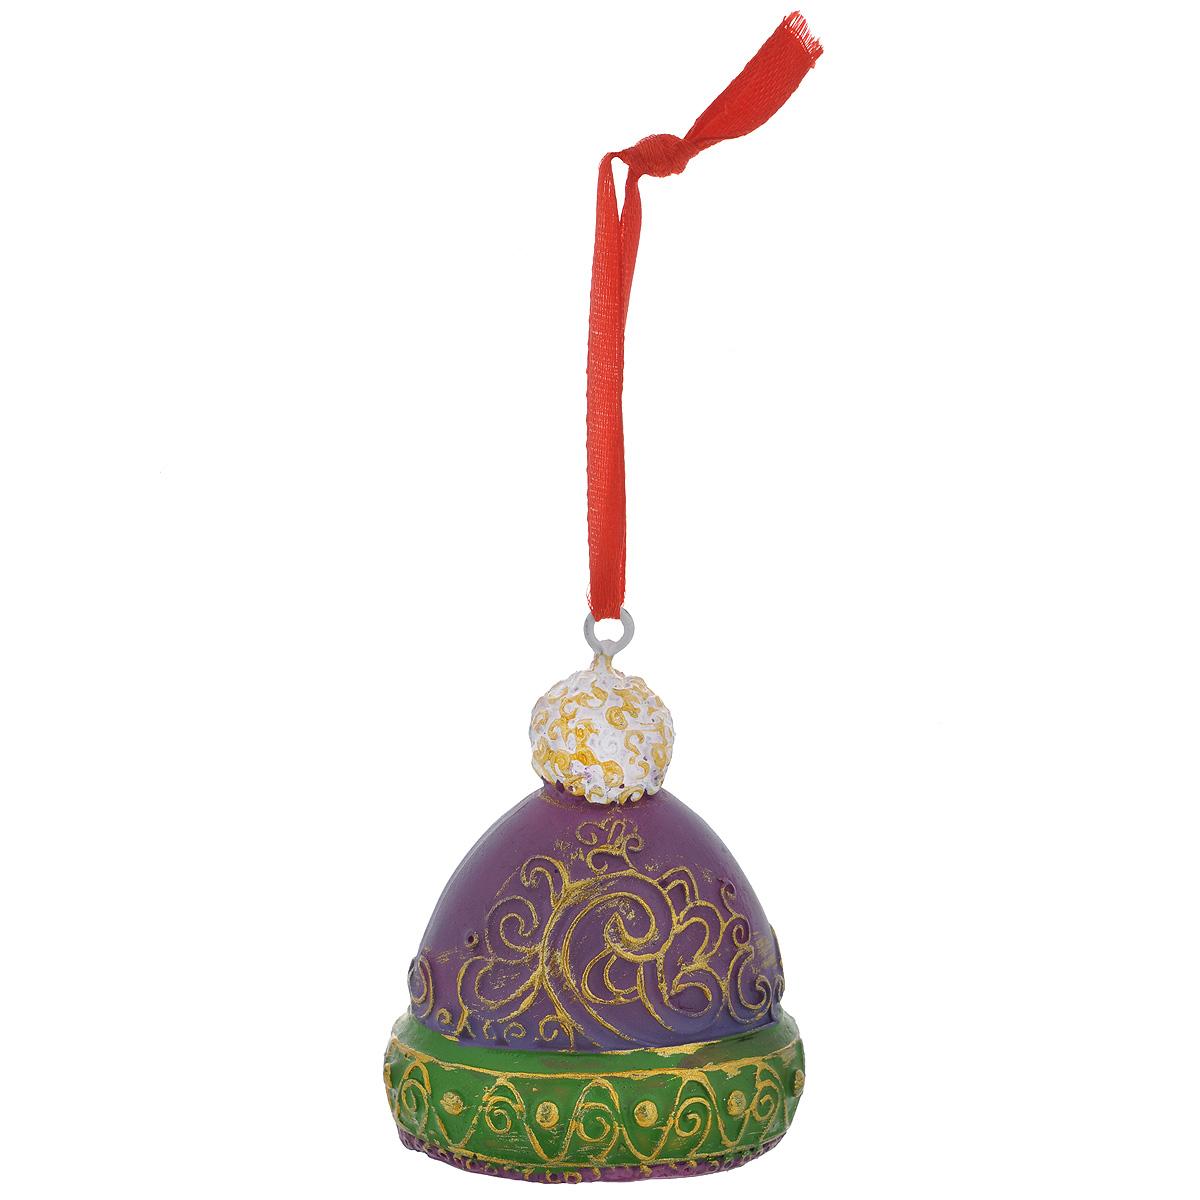 Новогоднее подвесное украшение Шапка, цвет: фиолетовый, зеленый. 34598A1484FN-1BNОригинальное новогоднее украшение из пластика прекрасно подойдет для праздничного декора дома и новогодней ели. Изделие крепится на елку с помощью металлического зажима.